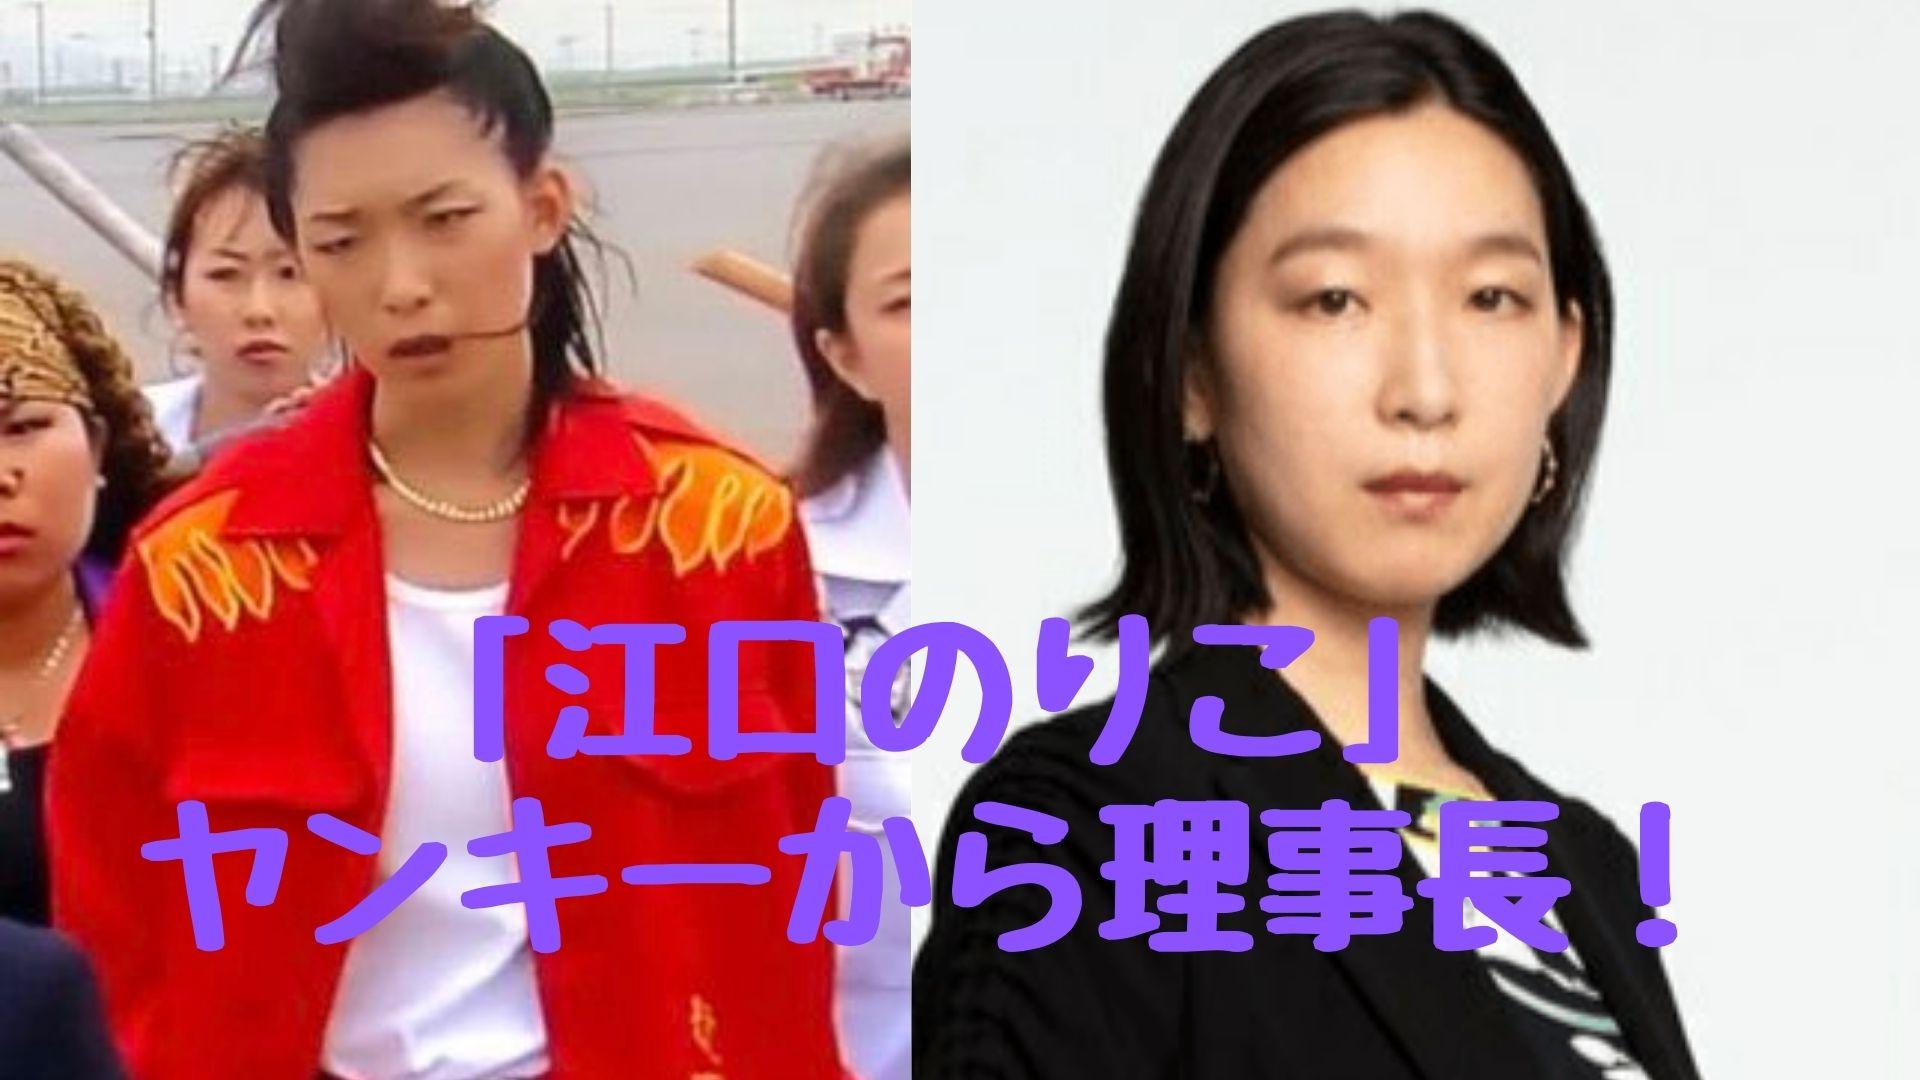 dragonzakura-eguchinoriko-yankee